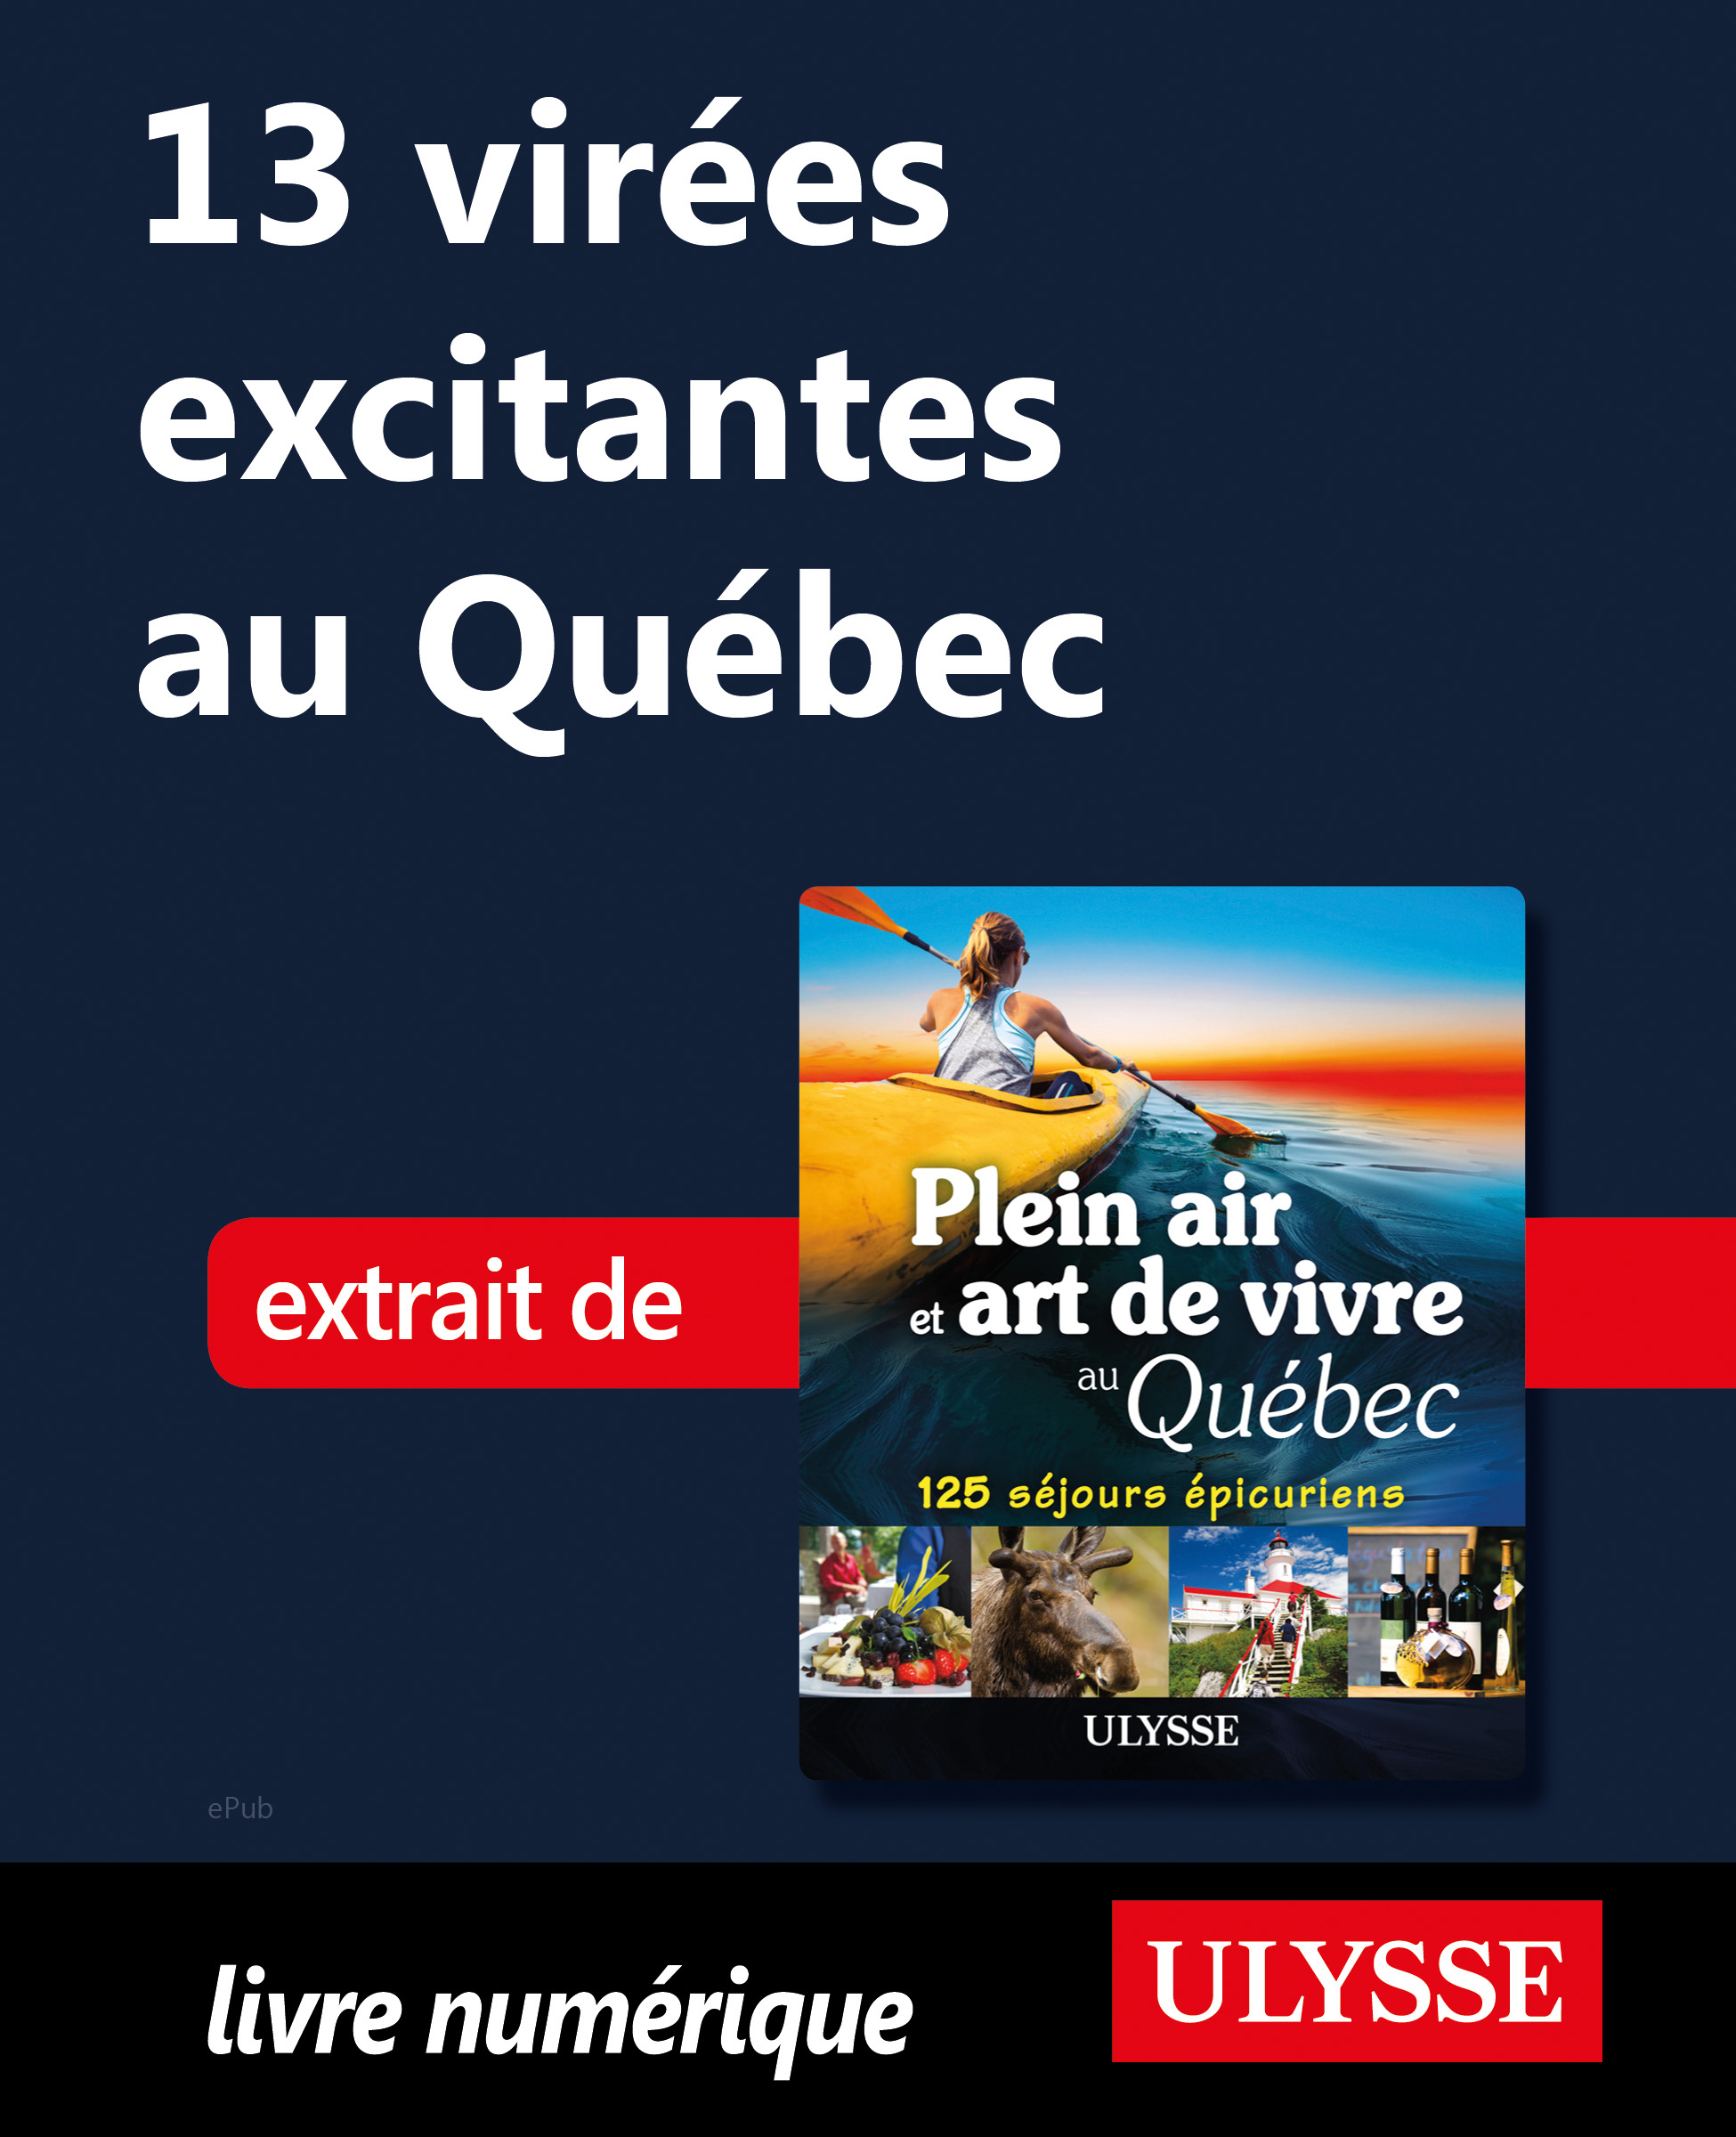 13 virées excitantes au Québec